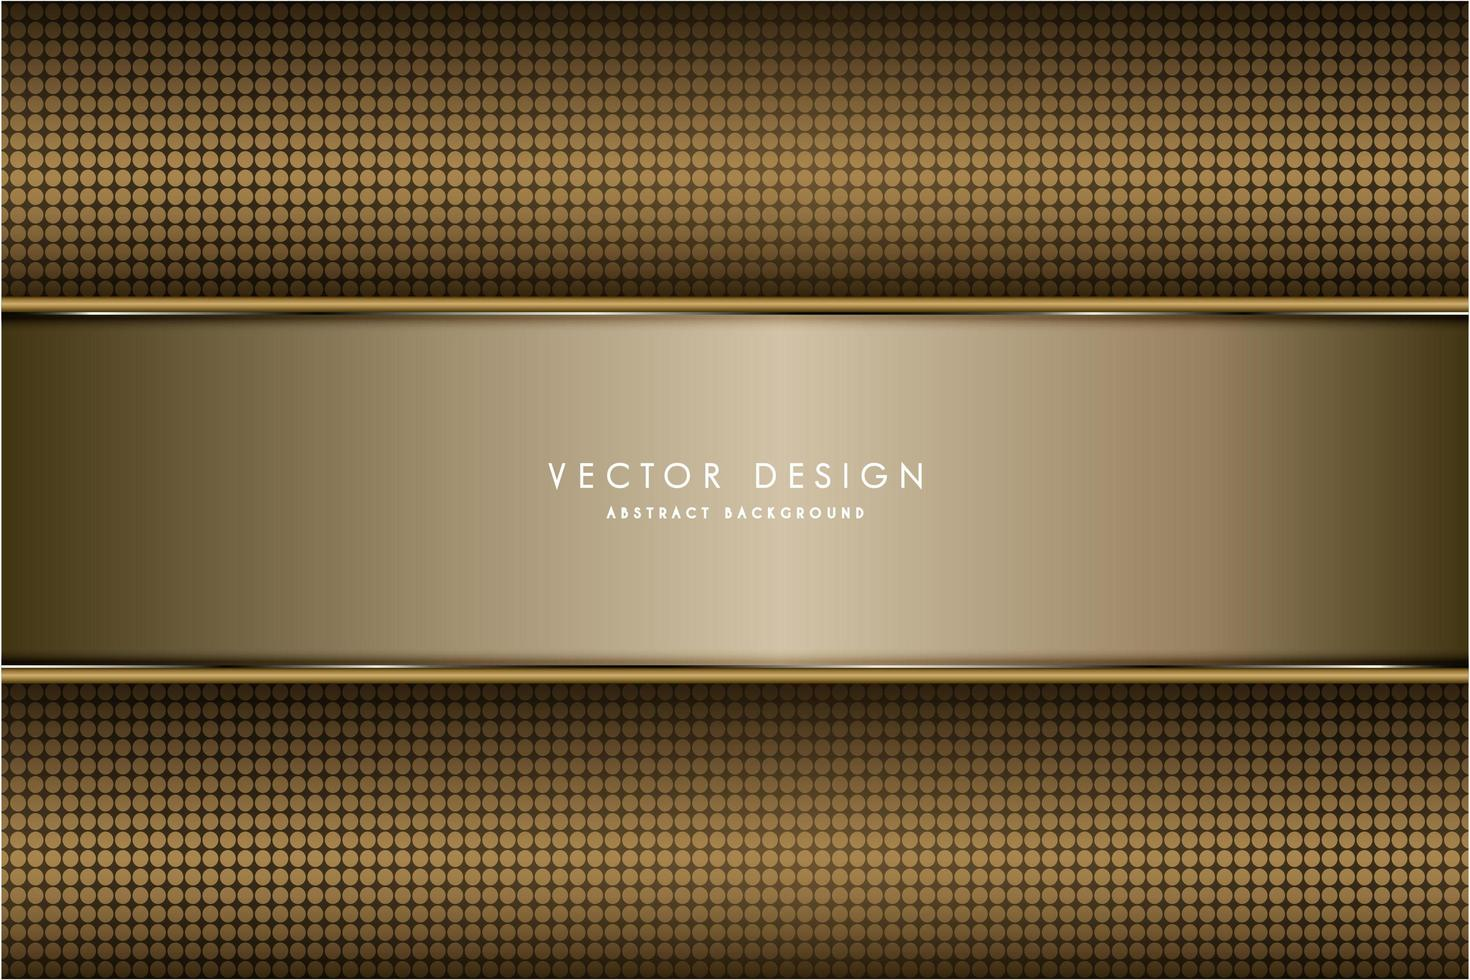 moderner goldmetallischer Hintergrund vektor